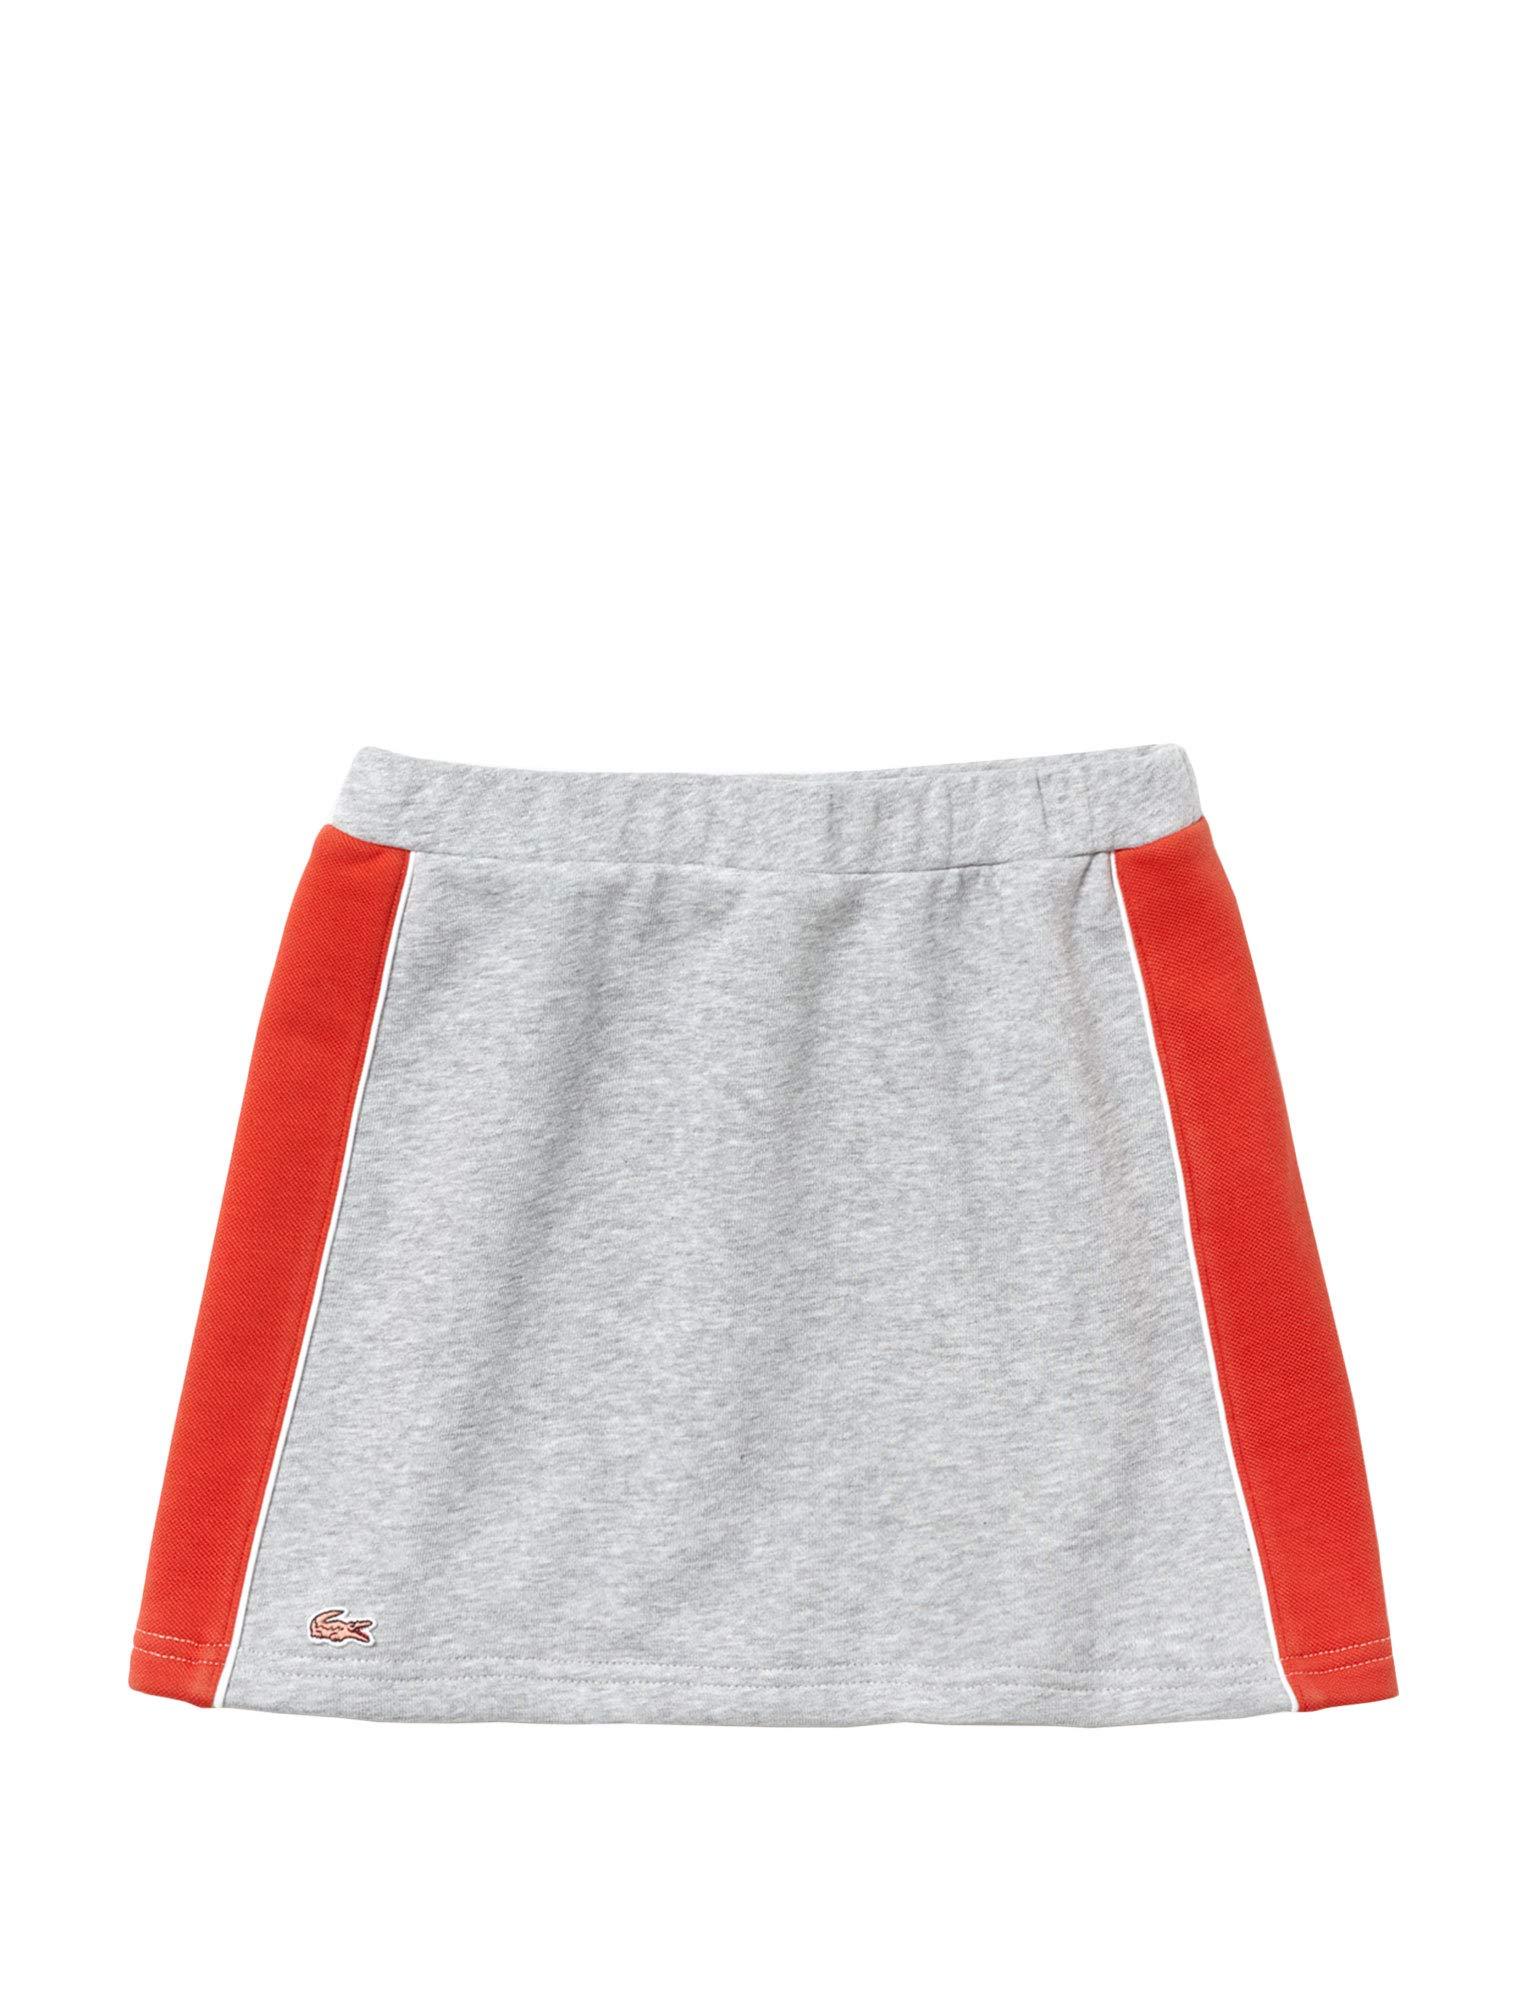 Lacoste Girls Kids' Fleece Skirt Grey in Size 8 Years (128 cm)